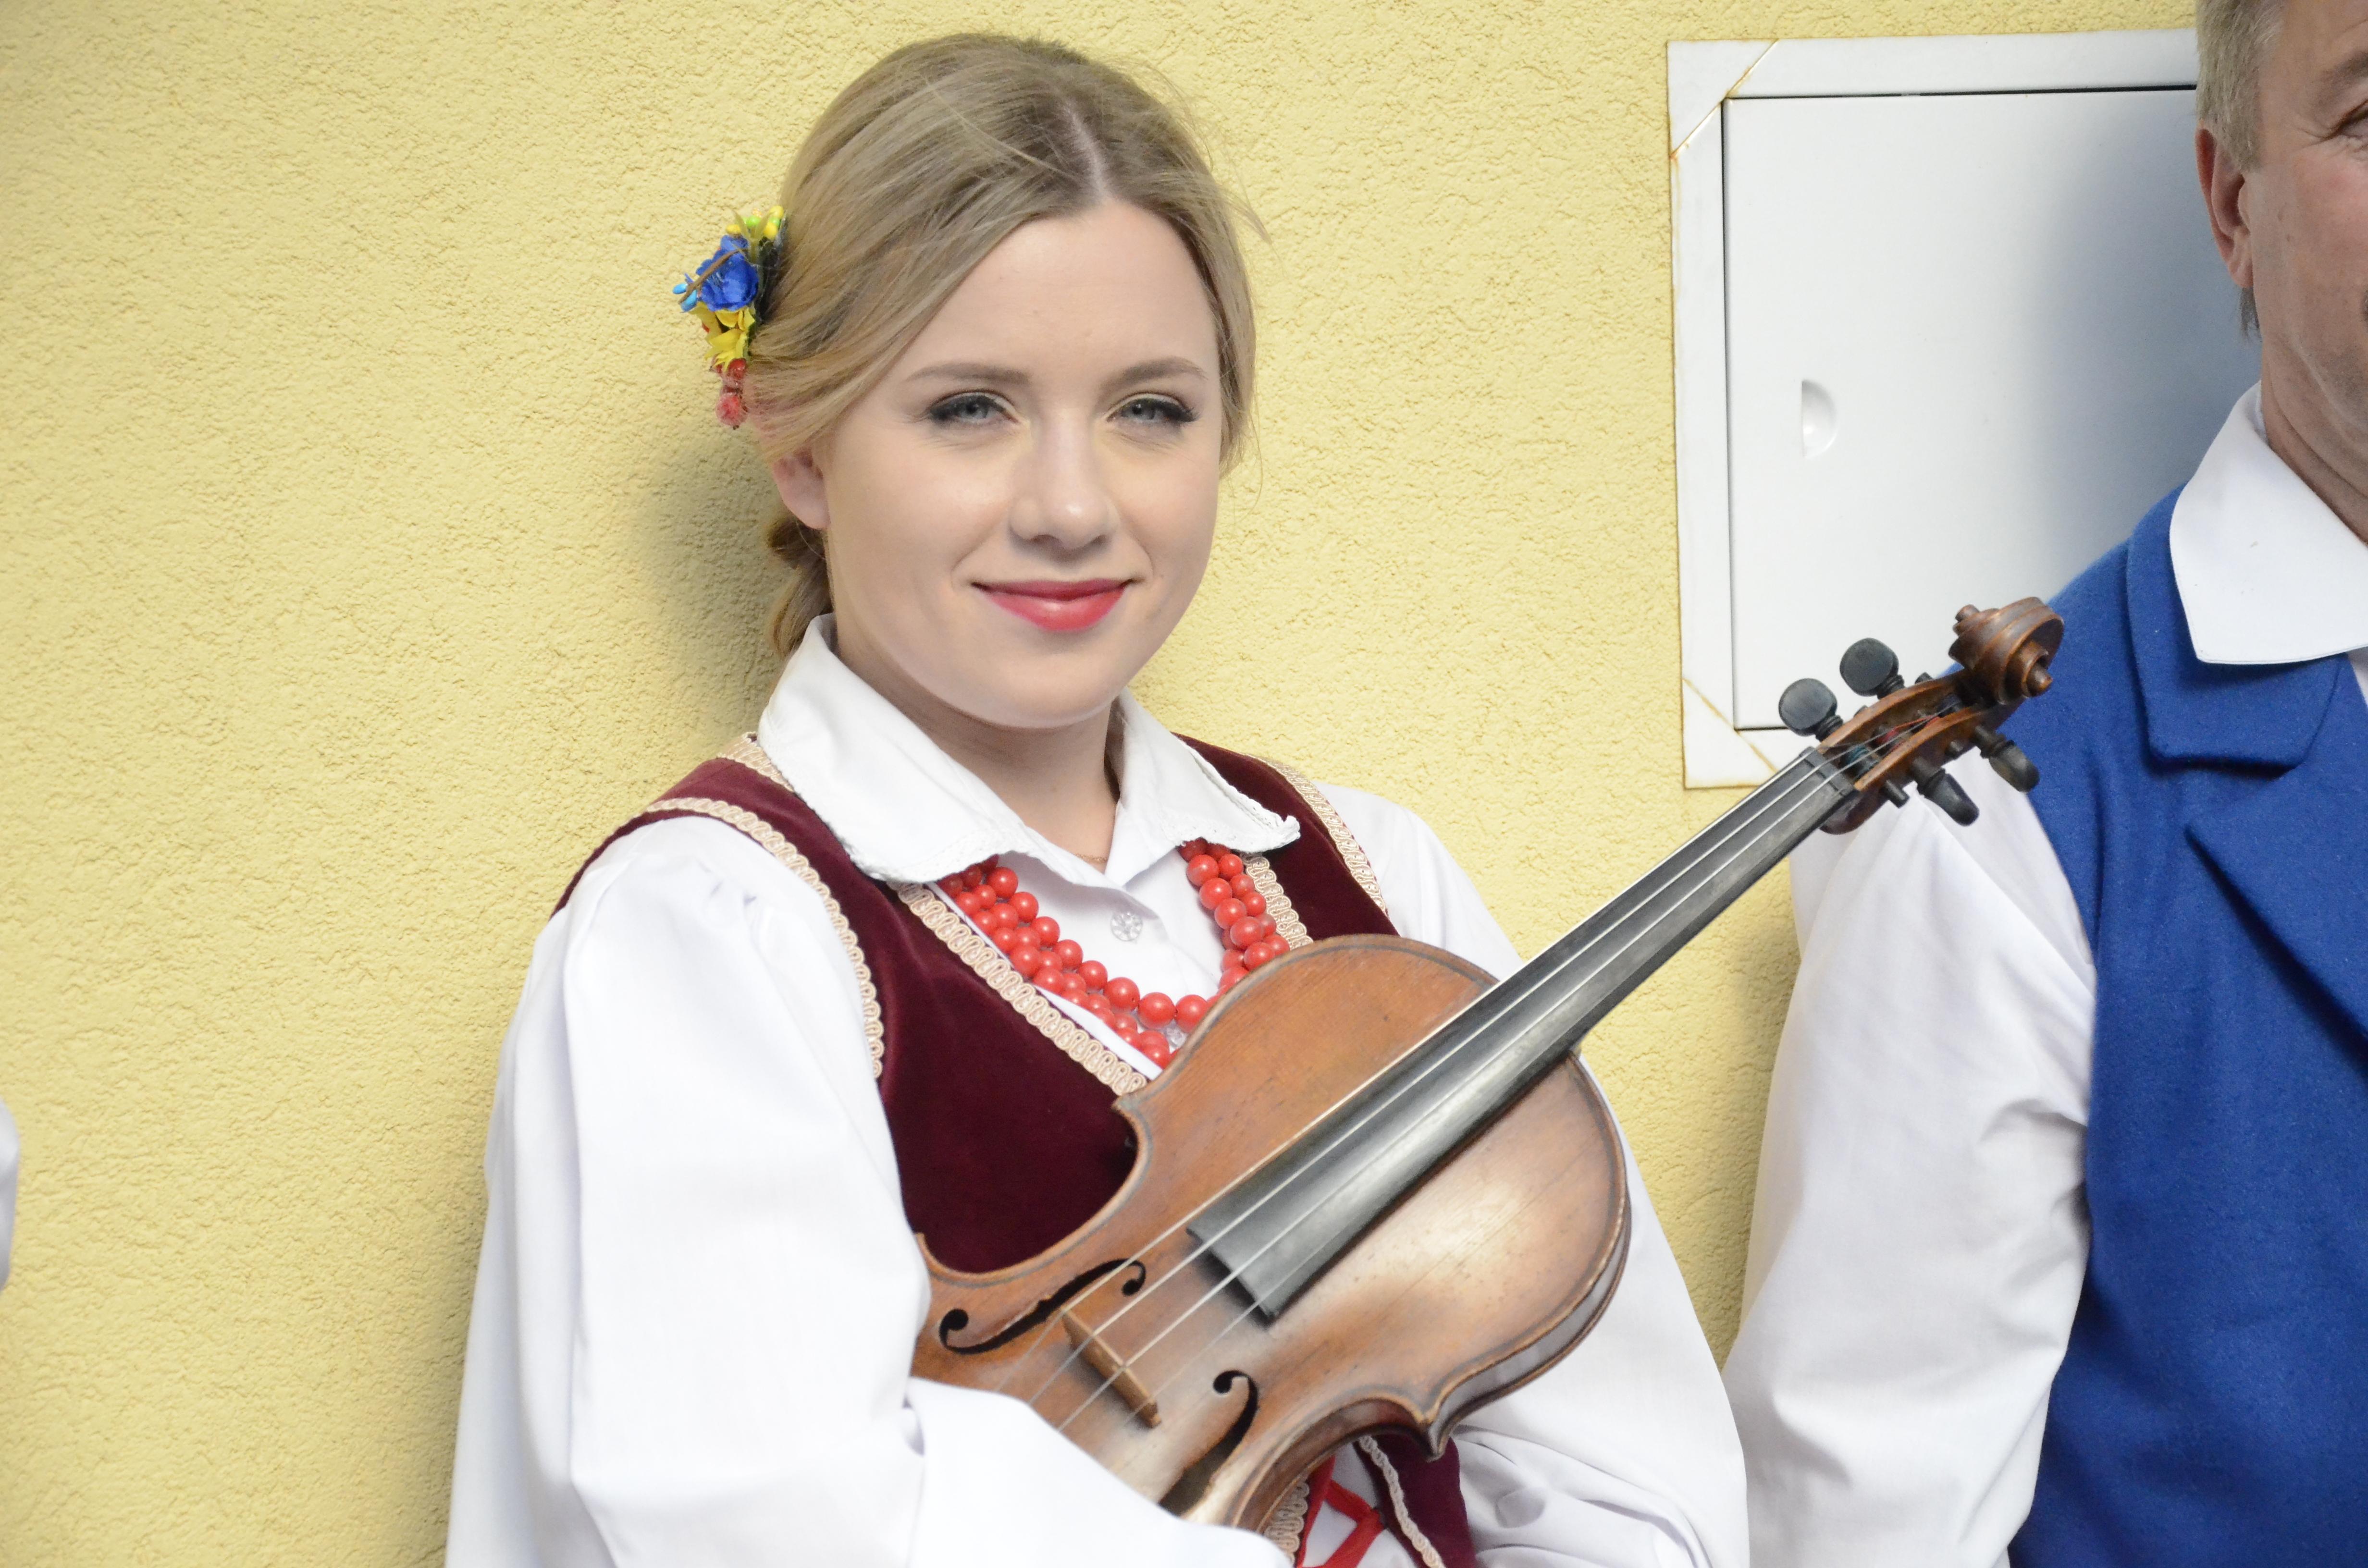 Strun dwanaście i trzy smyki - folklorystyczne występy w MDK w Kolbuszowej [WIDEO] - Zdjęcie główne